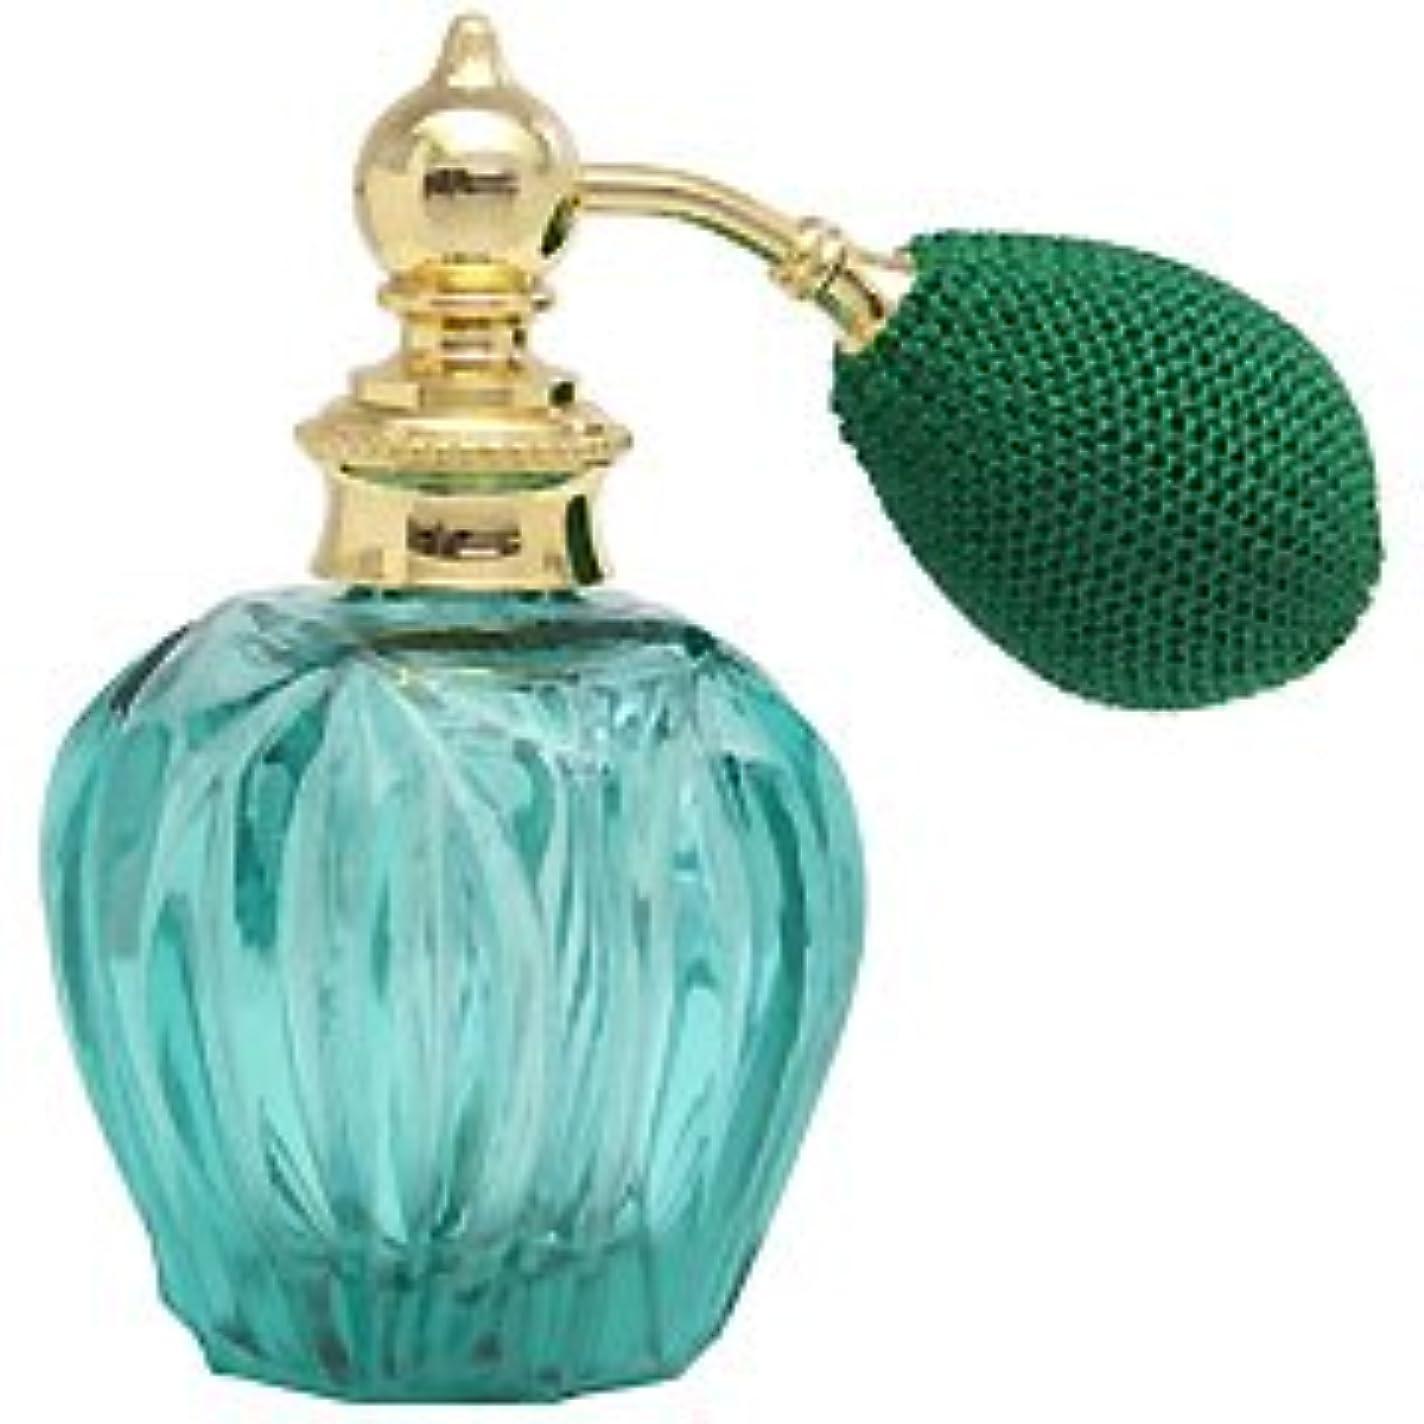 カラフル クリスタルアトマイザー ドイツ製 クリスタル香水瓶 32079 (クリスタル グリーン) 45ml 【ヒロセ アトマイザー】